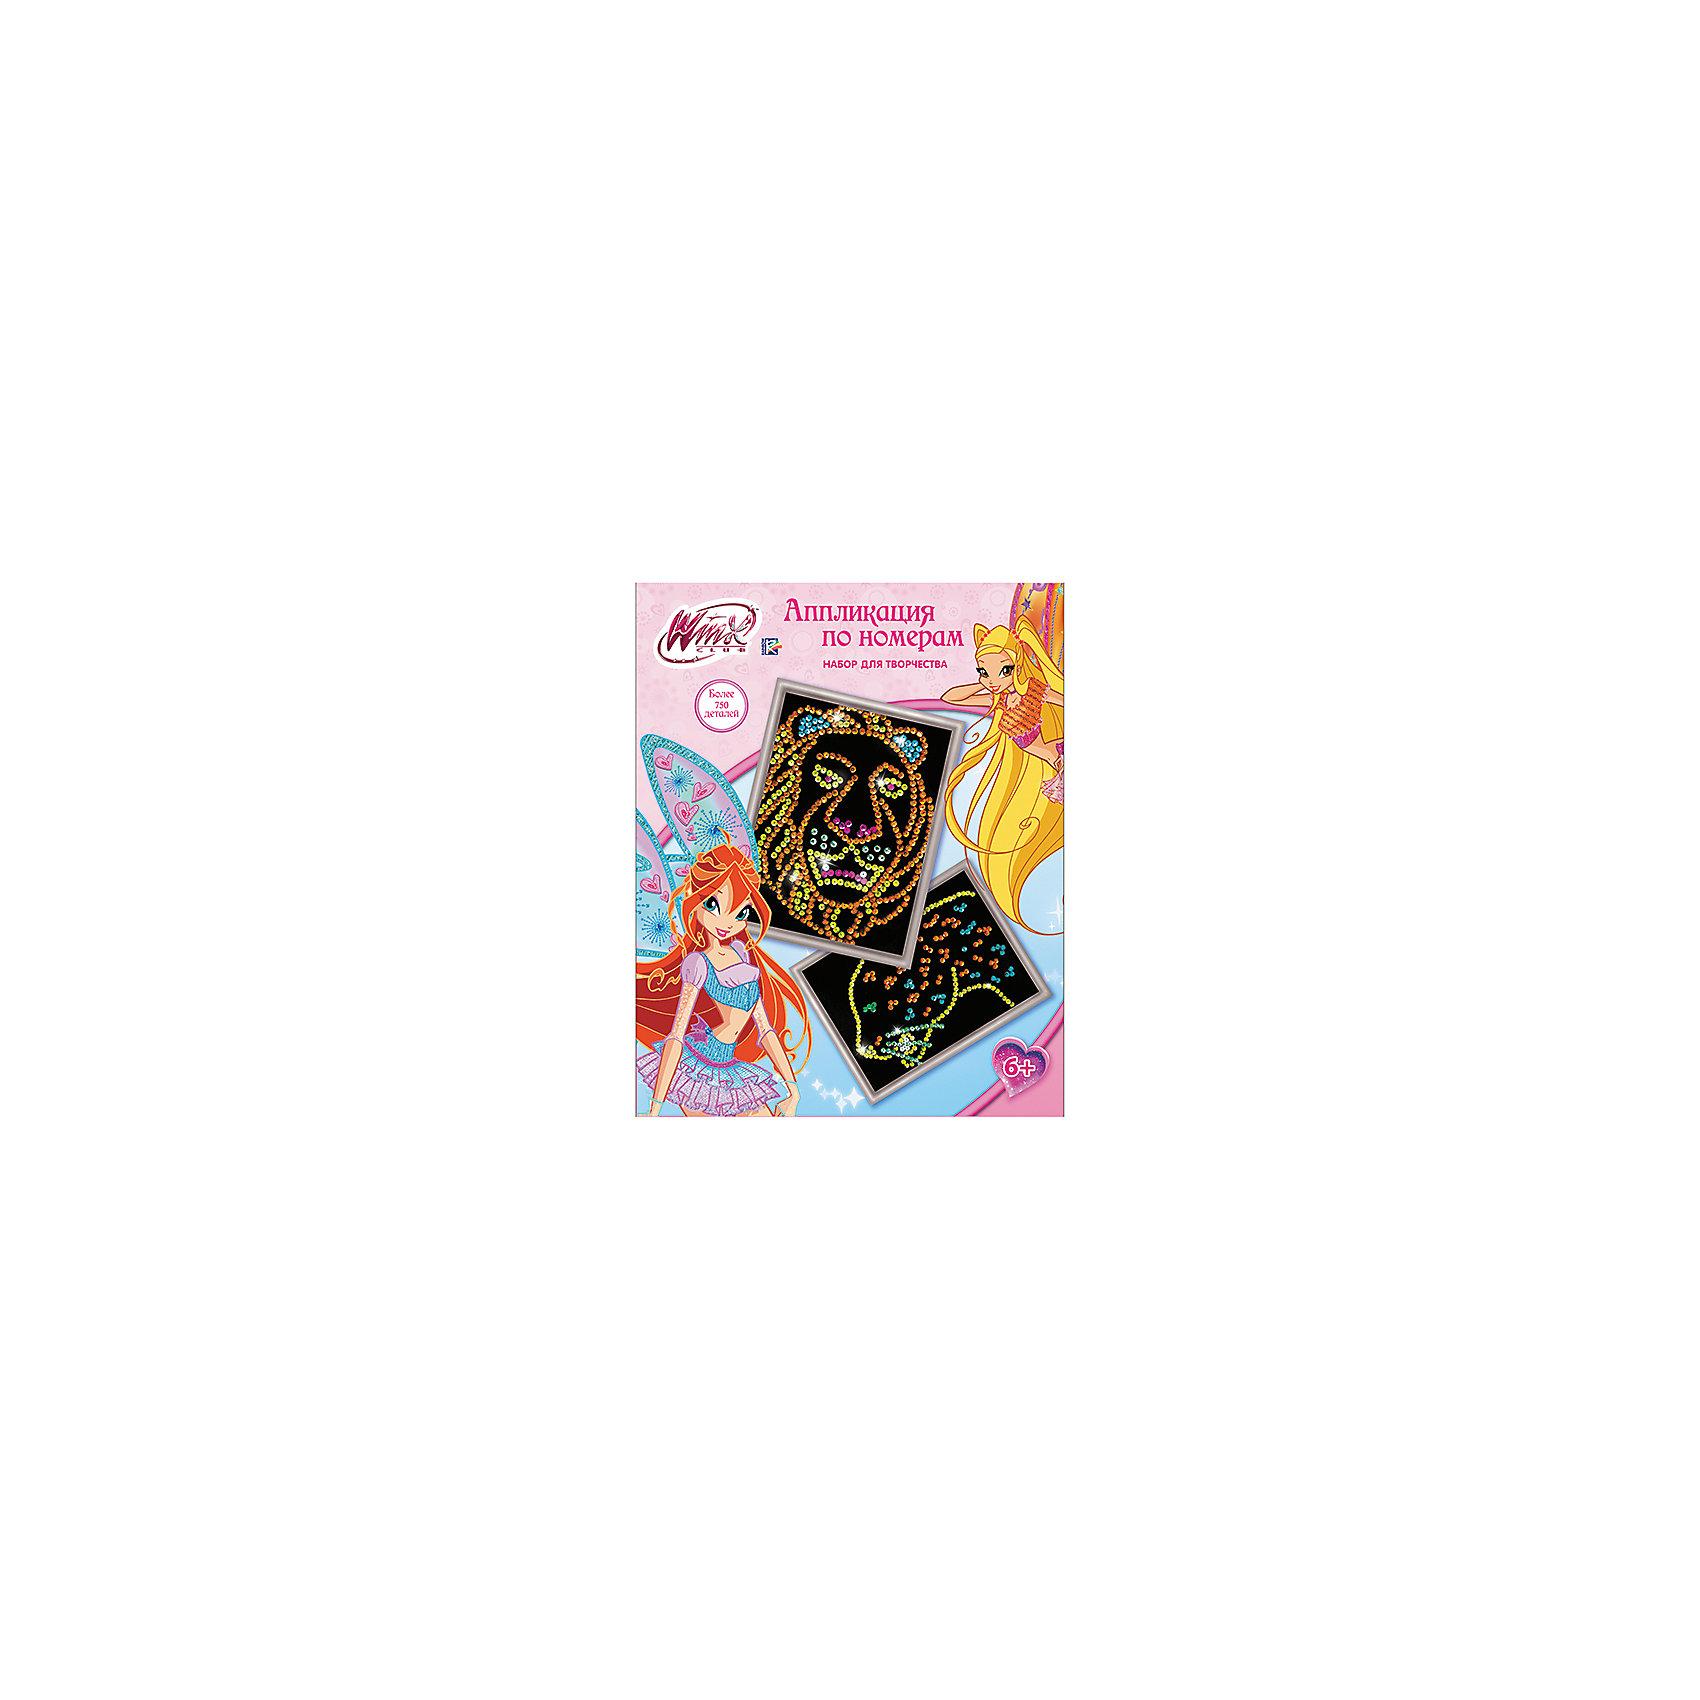 Аппликация по номерам Лев и леопардРукоделие<br>Аппликация по номерам Лев и леопард позволит вашей девочке создать прекрасную картину своими руками, развить фантазию, воображение и мелкую моторику. Готовую картинку можно оформить рамочкой, которая входит в набор, и подарить  лучшей подружке!<br>Дополнительная информация:<br>-в наборе: 2 картинки-основы, 7 пакетиков с блестками, рамка, клей, пинцет поддон для блесток, инструкция<br>-вес: 200 грамм<br>-размер упаковки: 25x21x3 см<br>Аппликацию по номерам Лев и леопард можно приобрести в нашем интернет-магазине.<br><br>Ширина мм: 30<br>Глубина мм: 210<br>Высота мм: 250<br>Вес г: 200<br>Возраст от месяцев: 72<br>Возраст до месяцев: 108<br>Пол: Унисекс<br>Возраст: Детский<br>SKU: 4915402